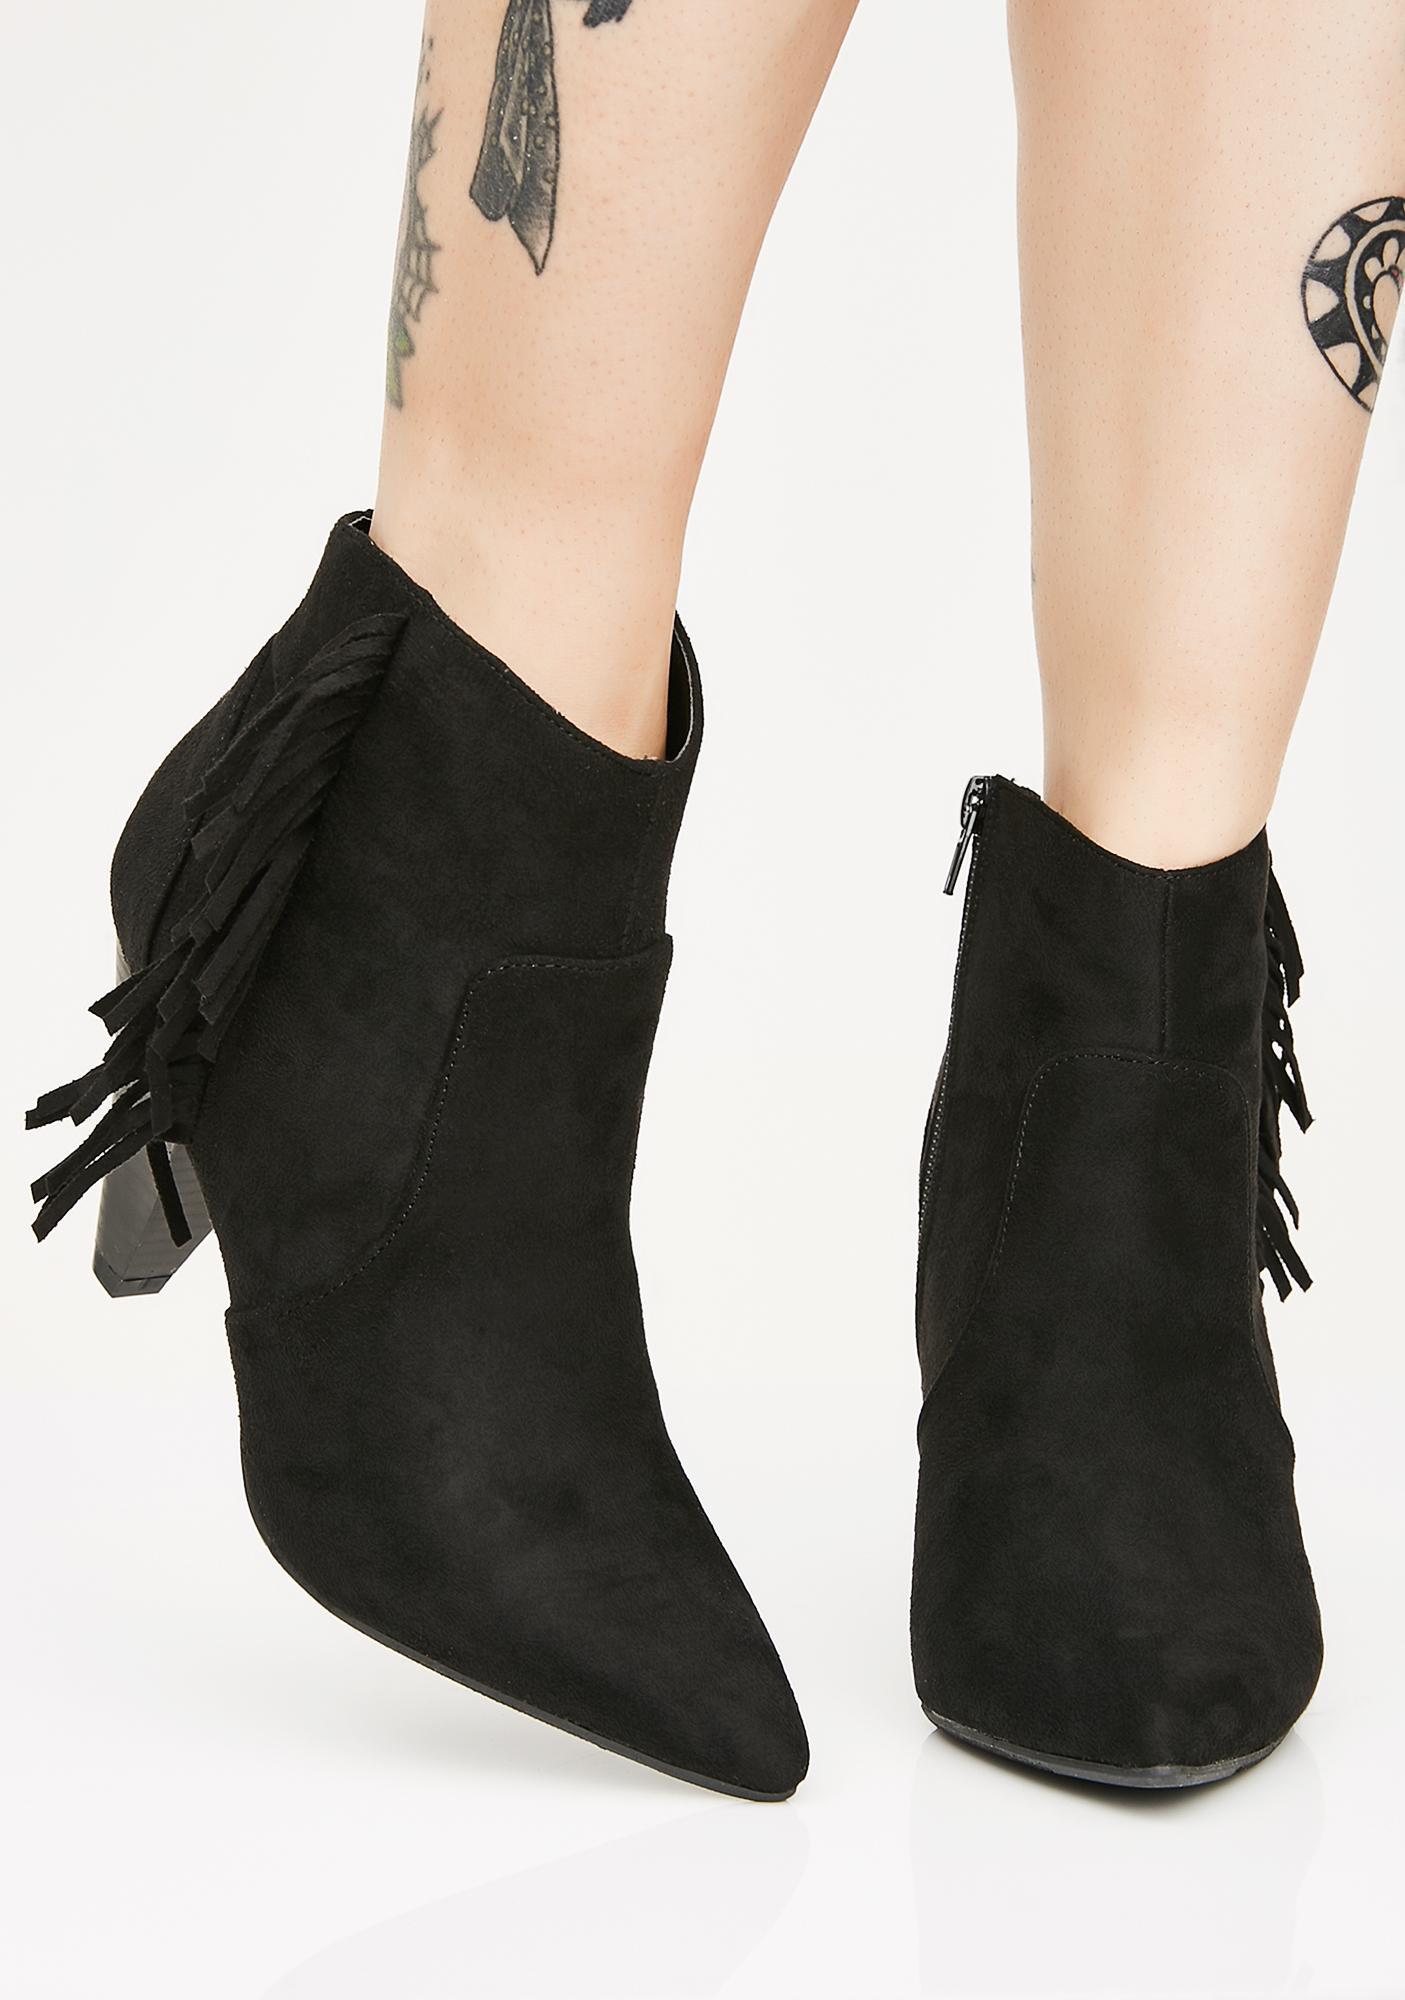 Bingin' On Fringe Ankle Boots